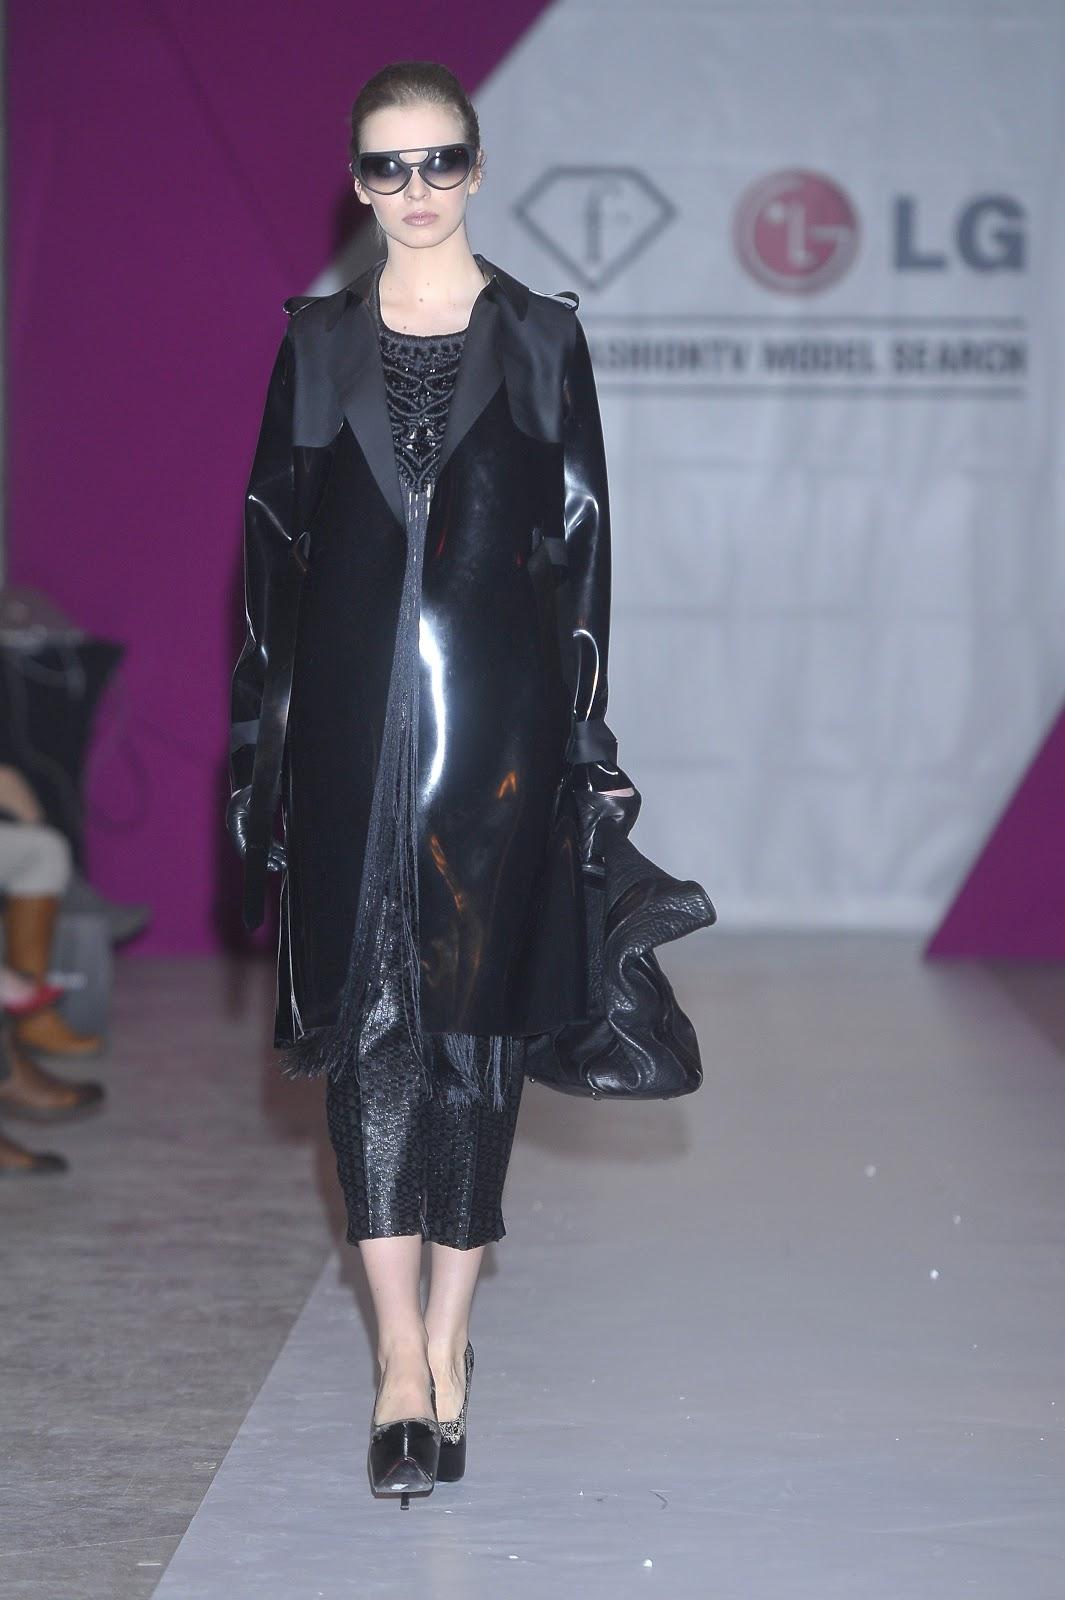 akpa20130130_lg_fashion_tv_2791.jpg